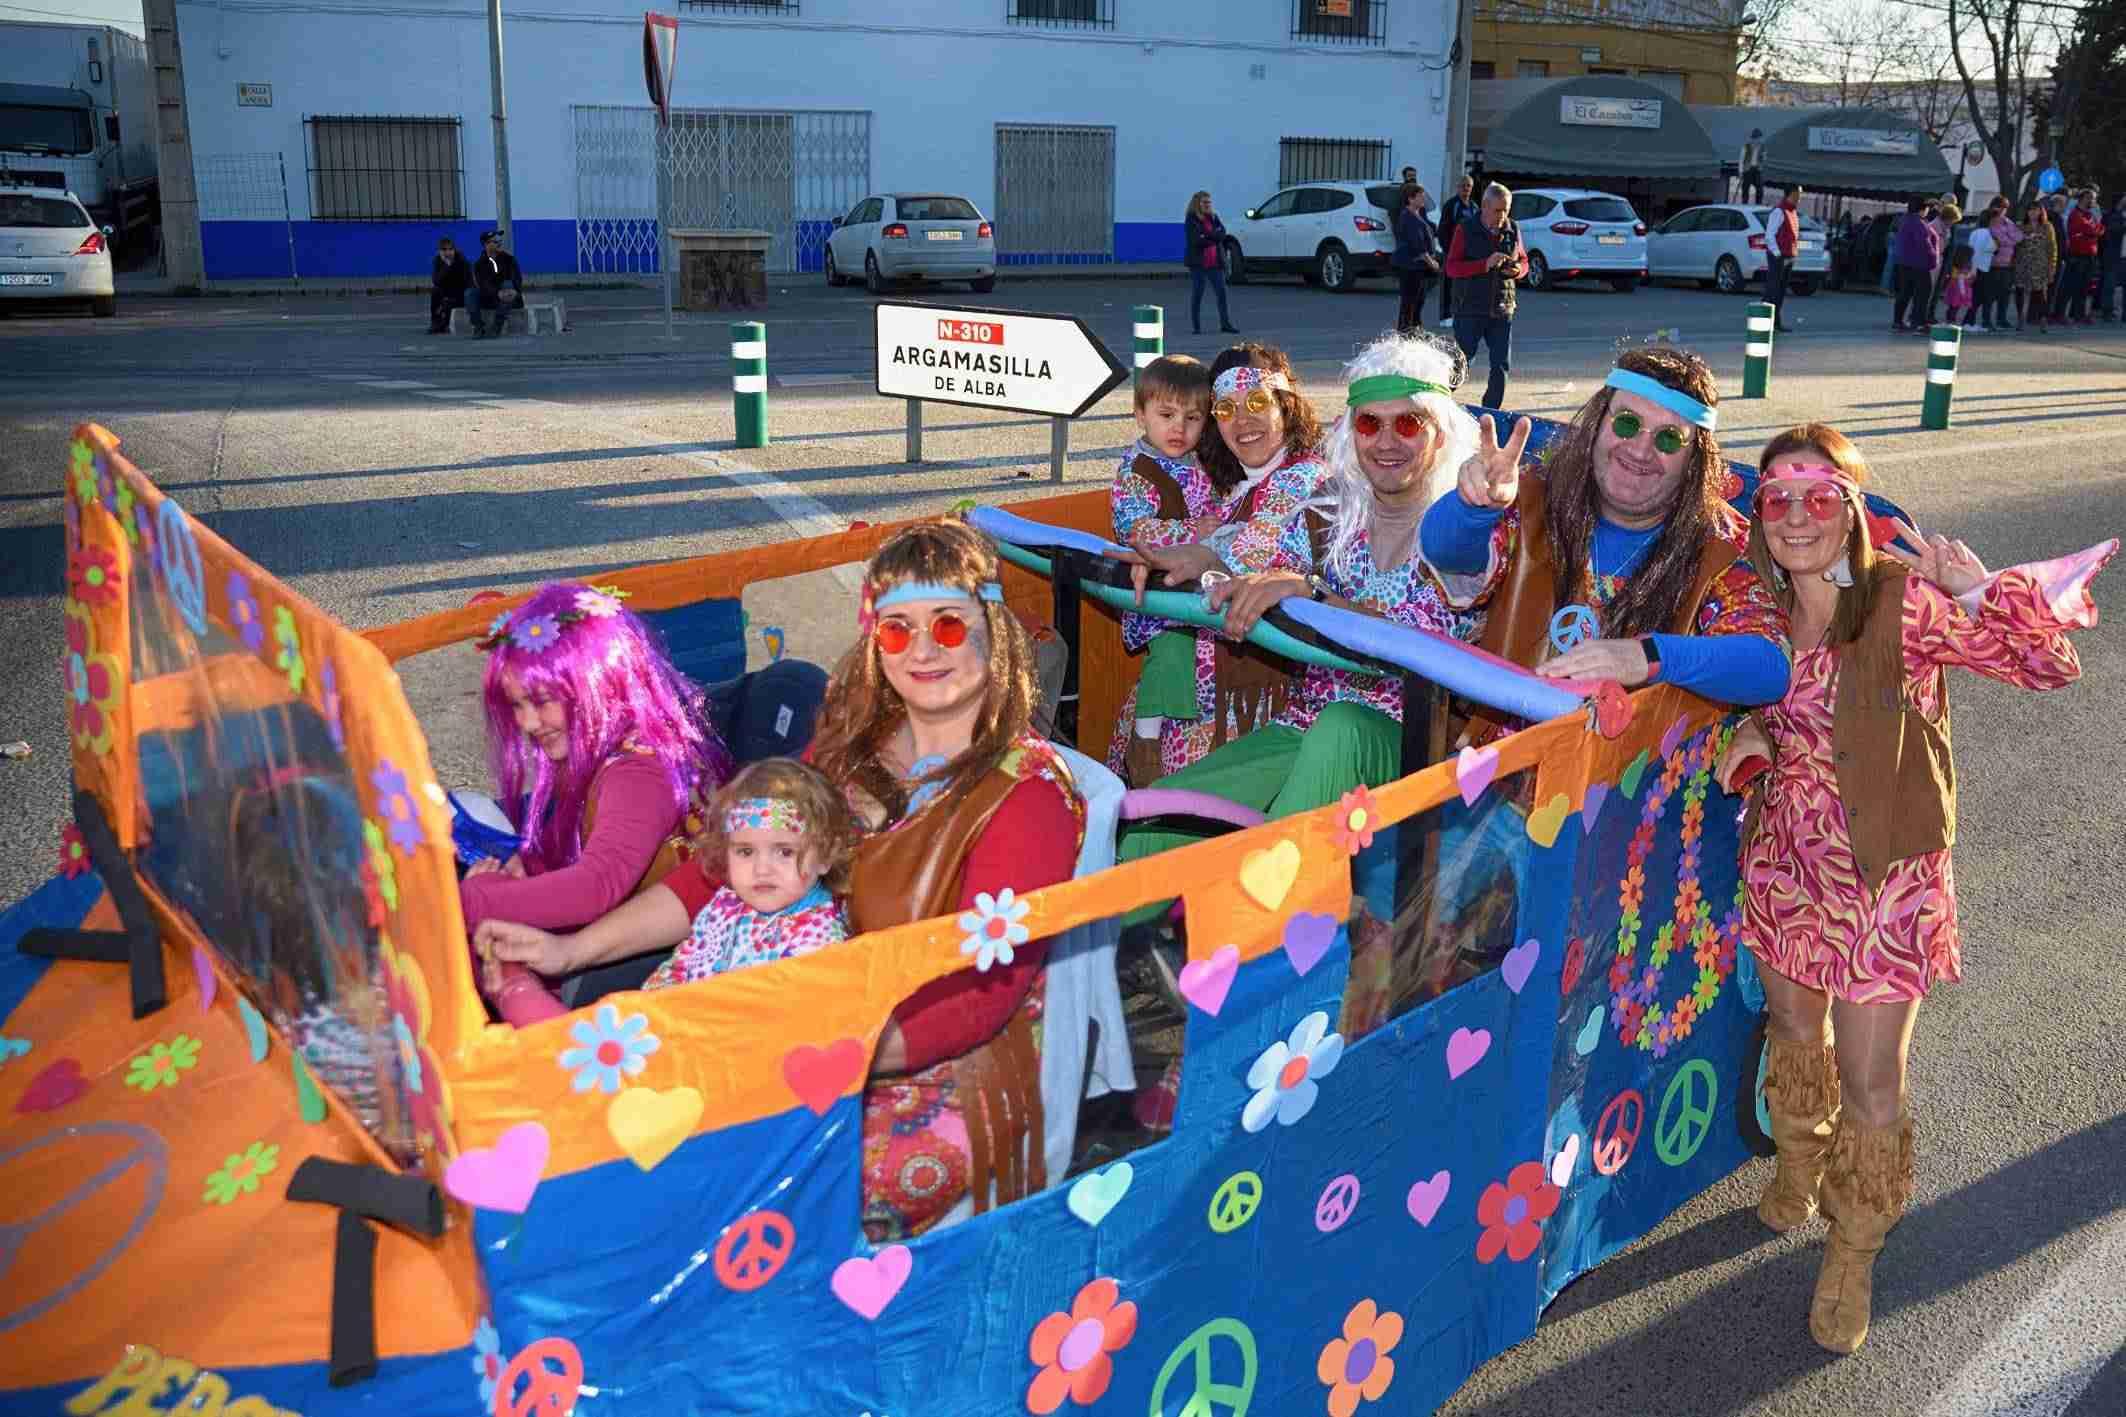 El Desfile de Comparsas Infantiles abre la actividad en la calle del Carnaval de Argamasilla de Alba 8